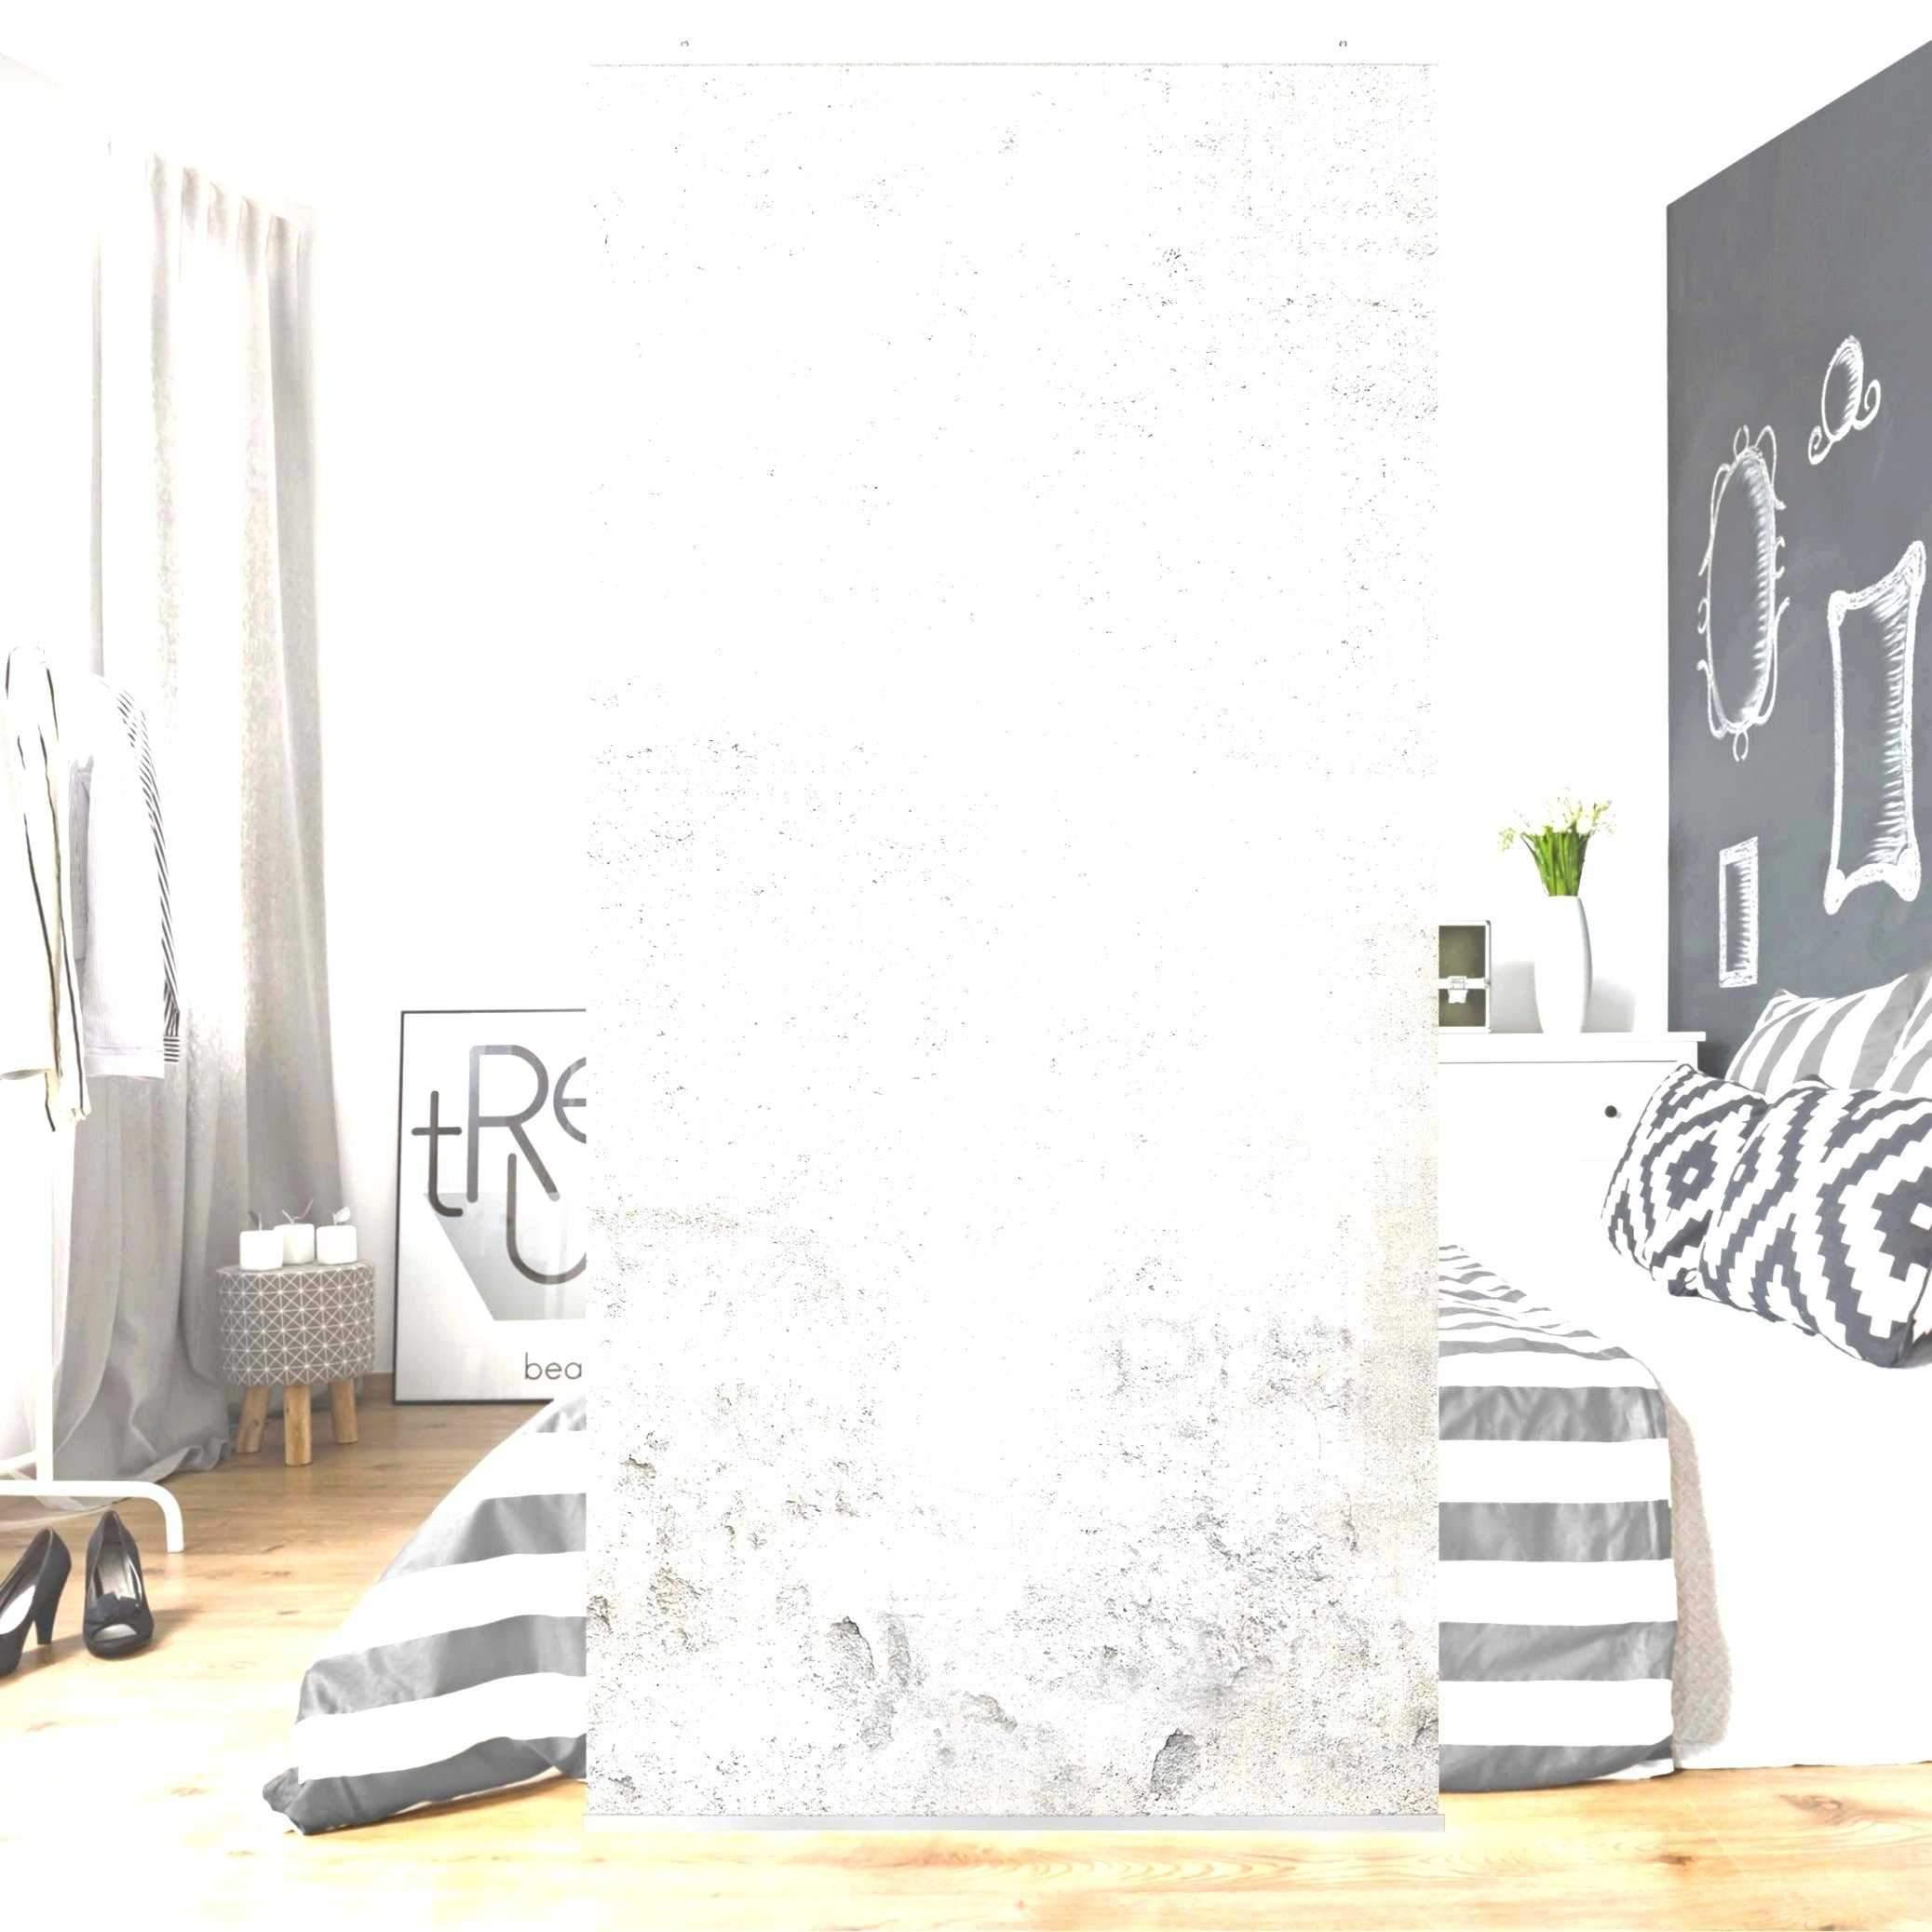 bilder wohnzimmer landhausstil das beste von 40 beste von deckenleuchte wohnzimmer landhaus design of bilder wohnzimmer landhausstil